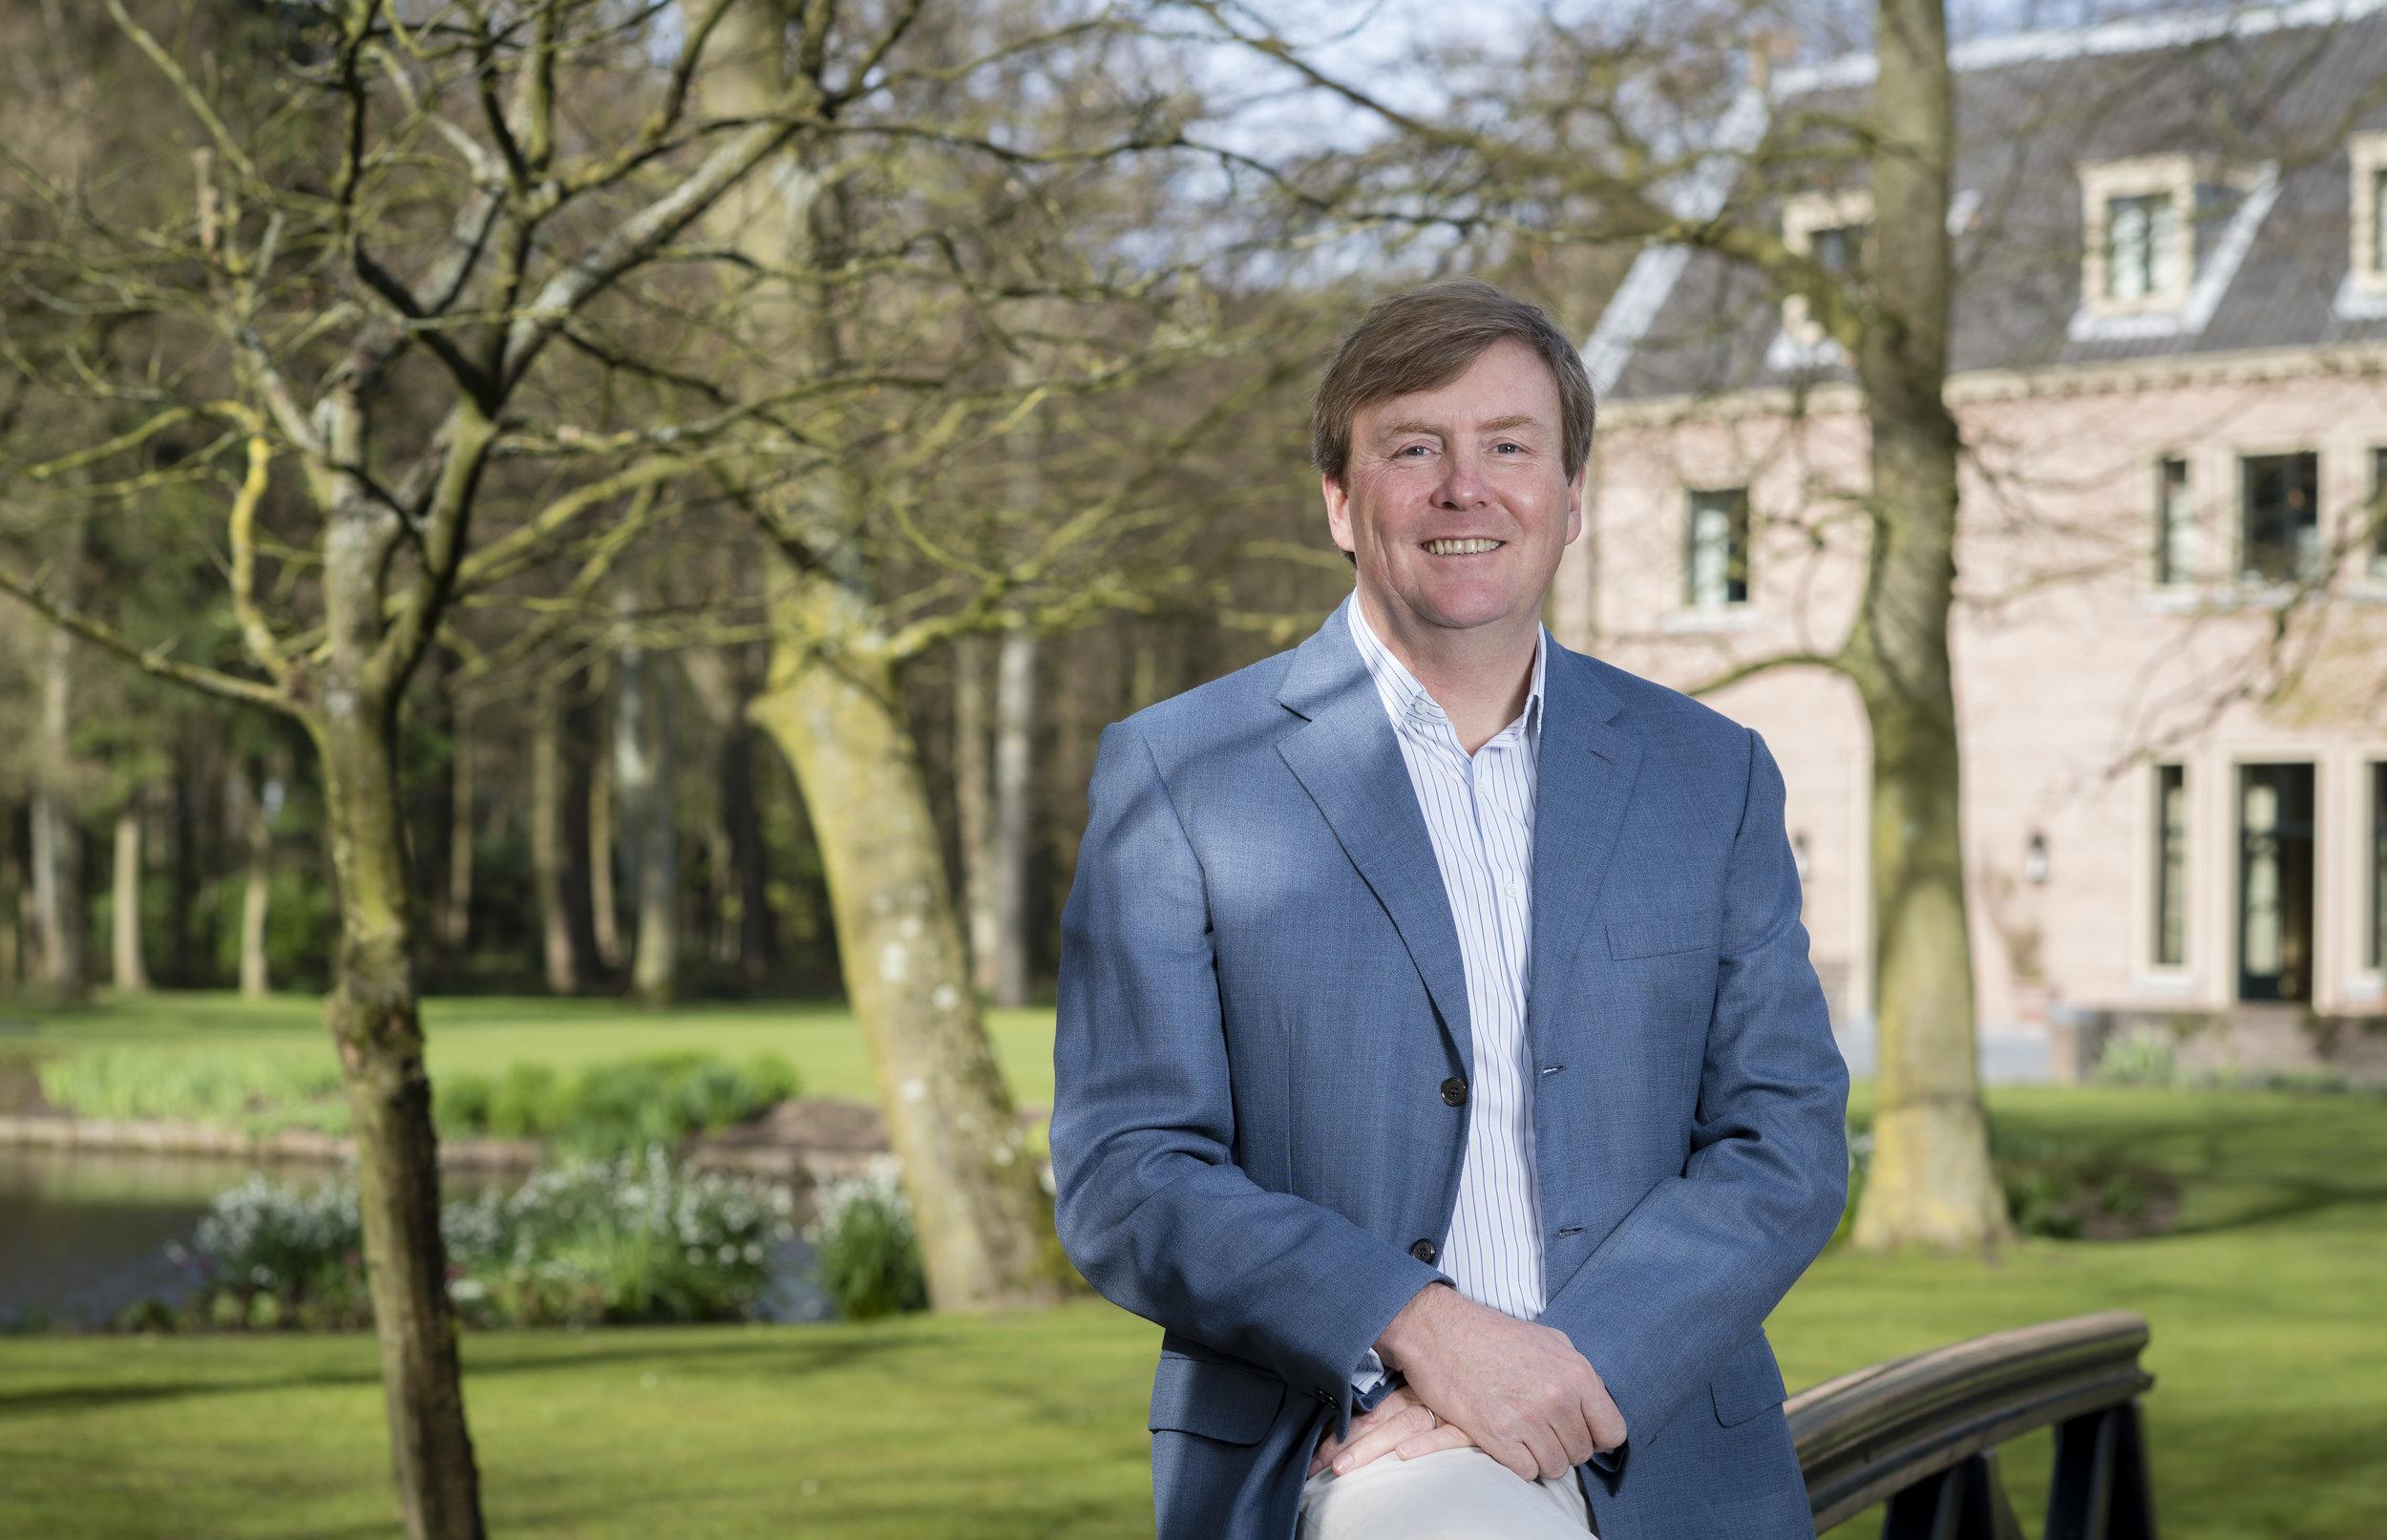 Ob König Willem-Alexander sich wohl gerne an den Spitznamen seiner Jugend erinnert?   Foto: RVD, Frank van Beek